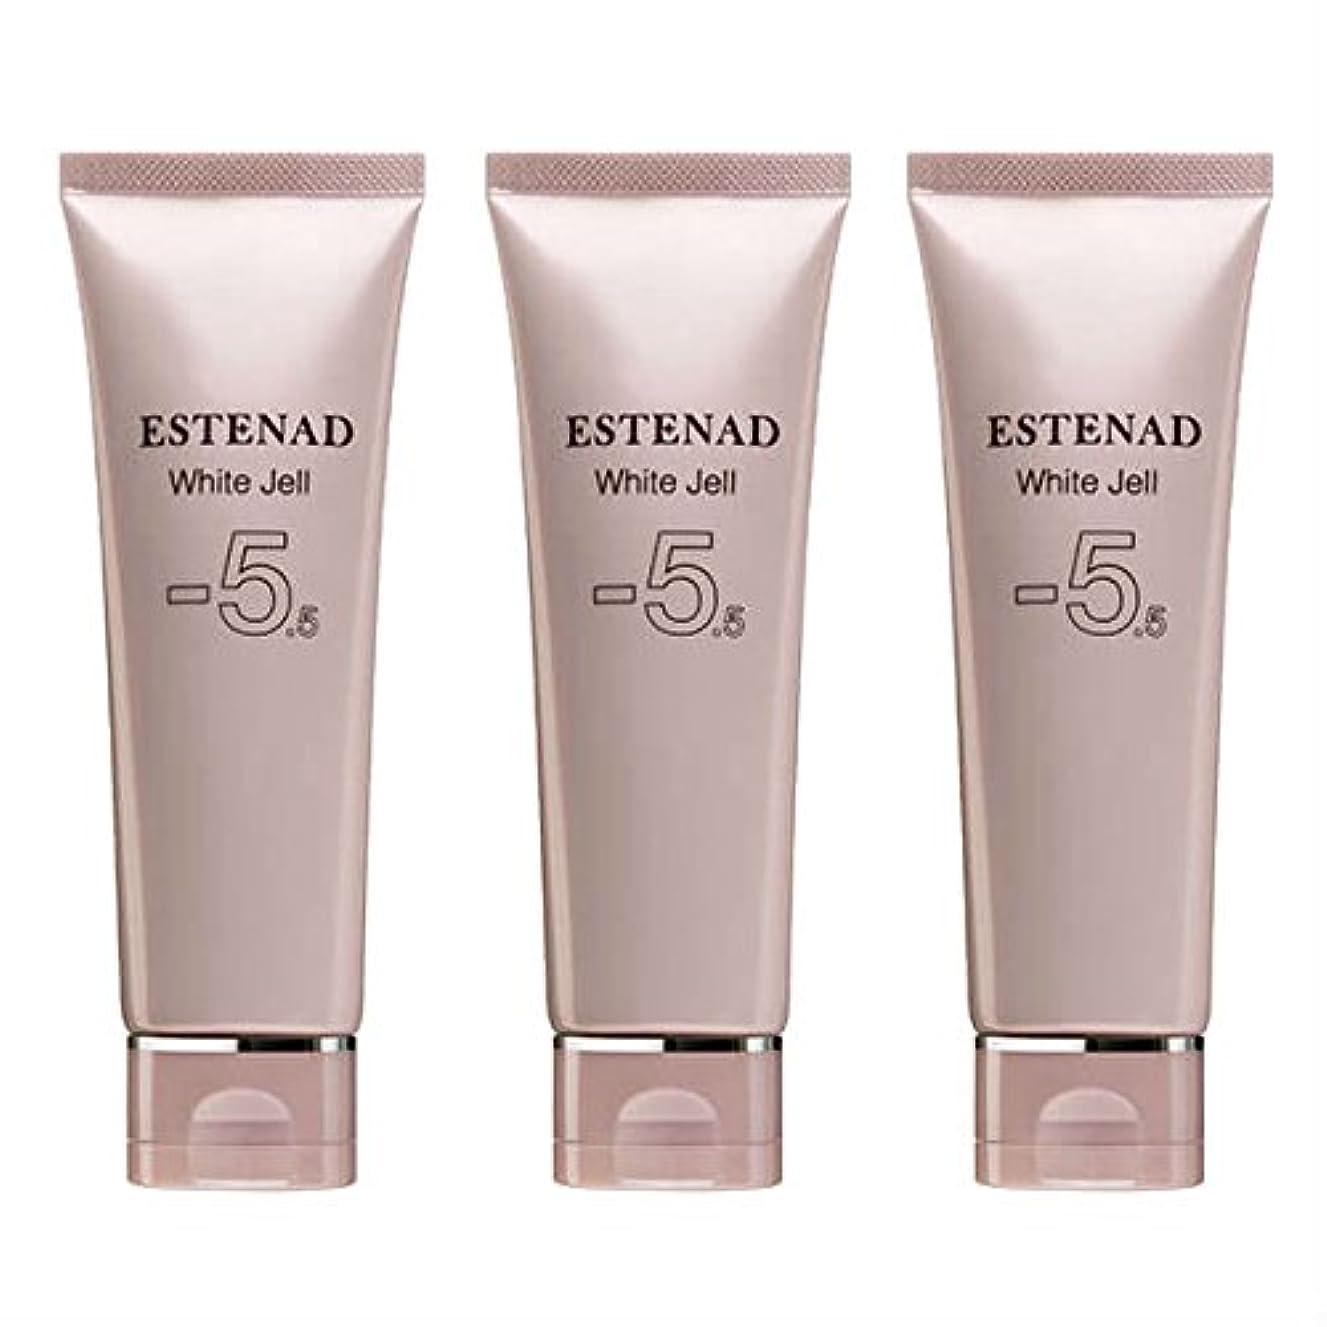 エステナード 薬用ホワイトジェル 70g 3本セット